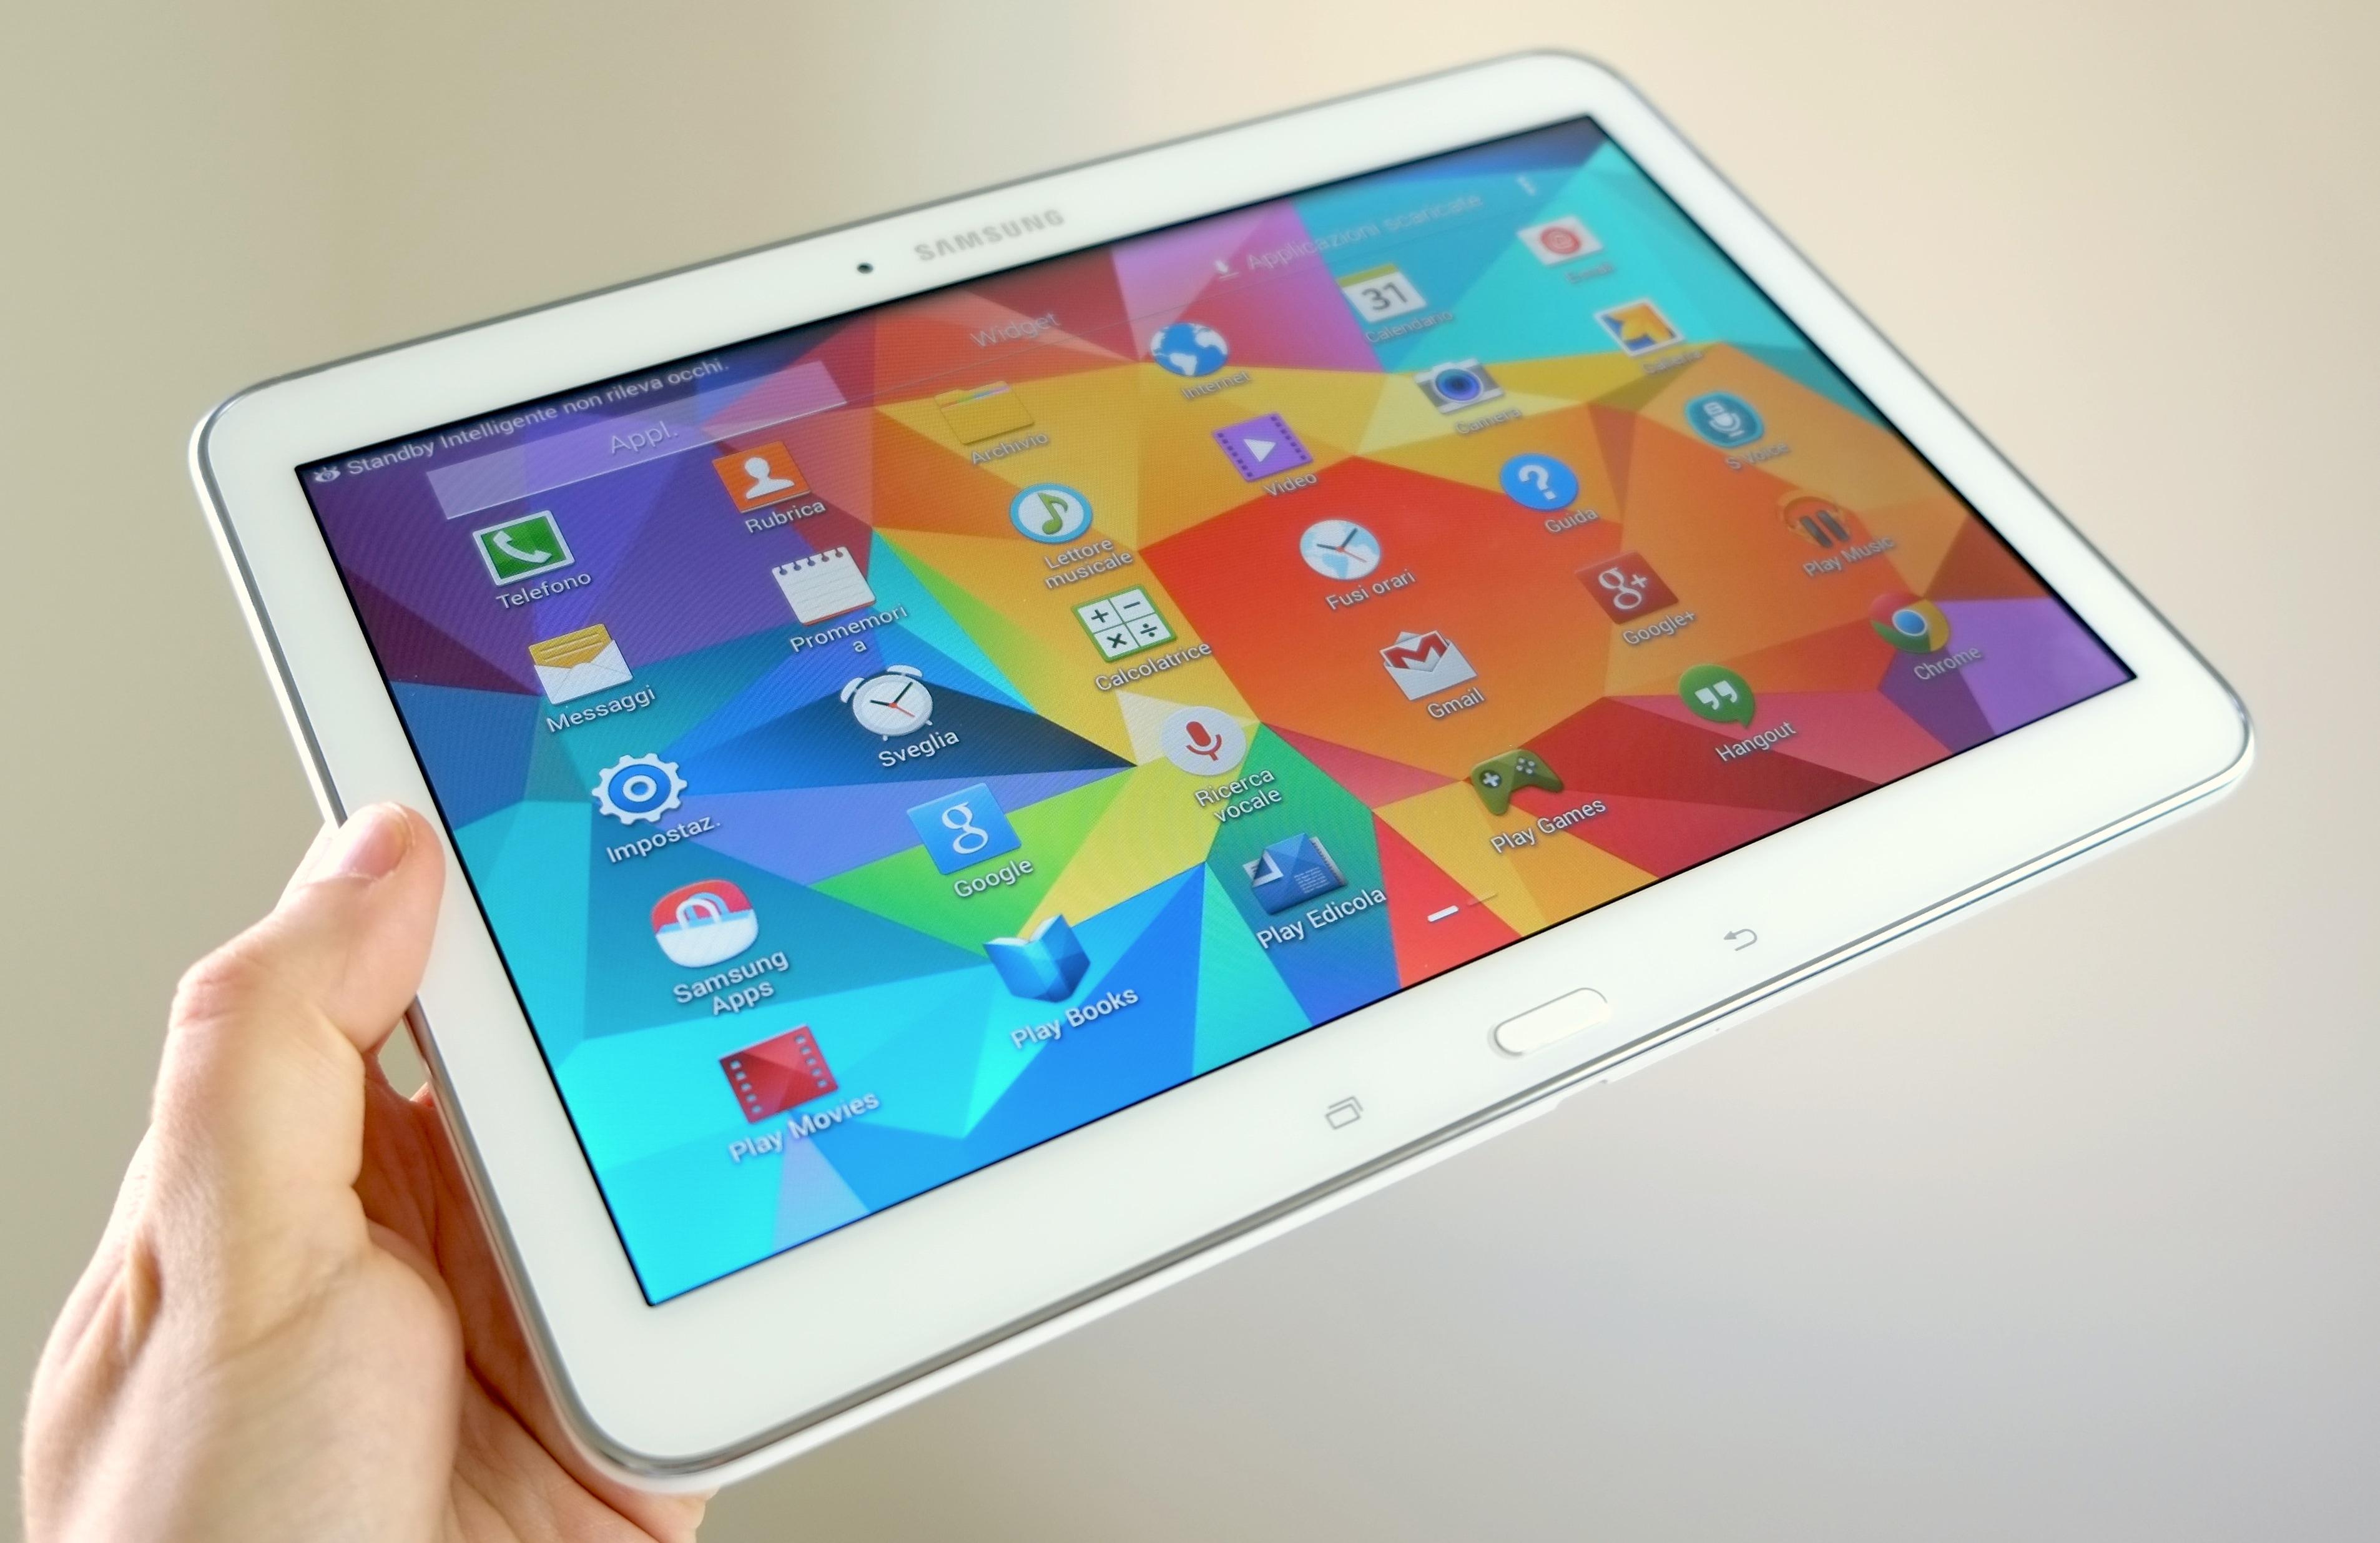 Samsung Galaxy Tab 4 10.1 7